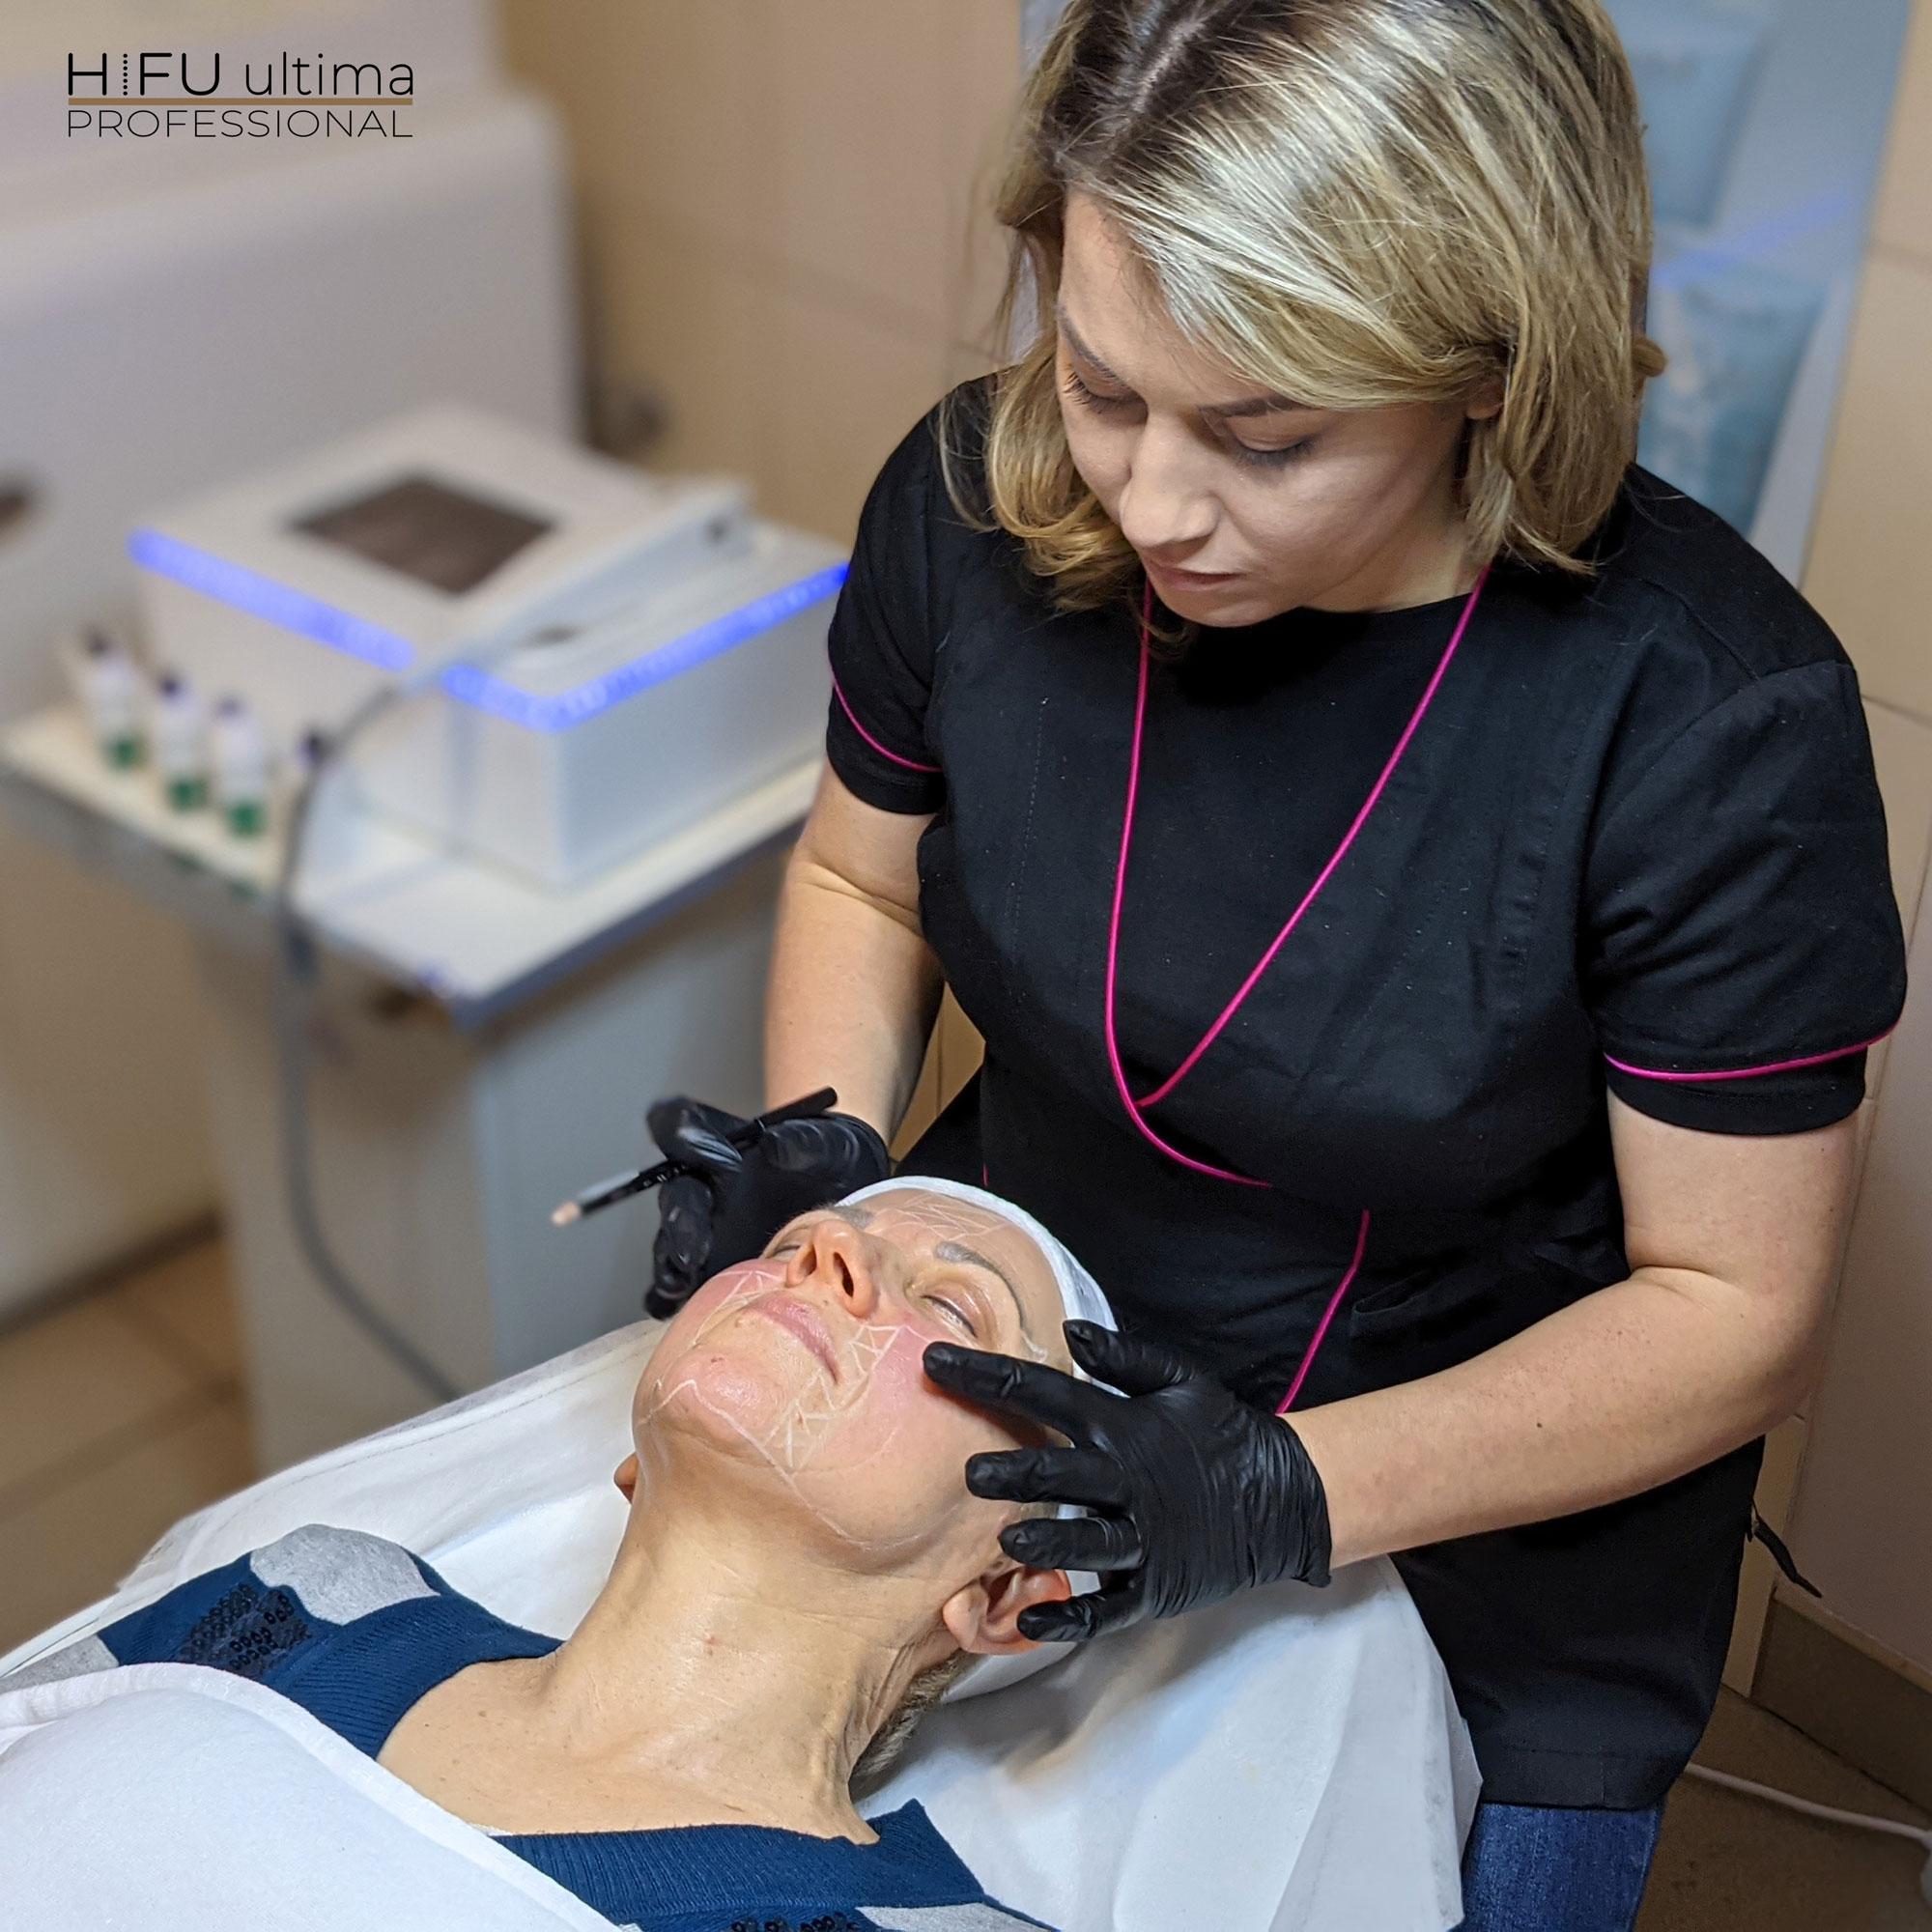 Technologia ultradźwiękowa jest wykorzystywana w konturowaniu ciała, pozwalając na redukcję tkanki tłuszczowej